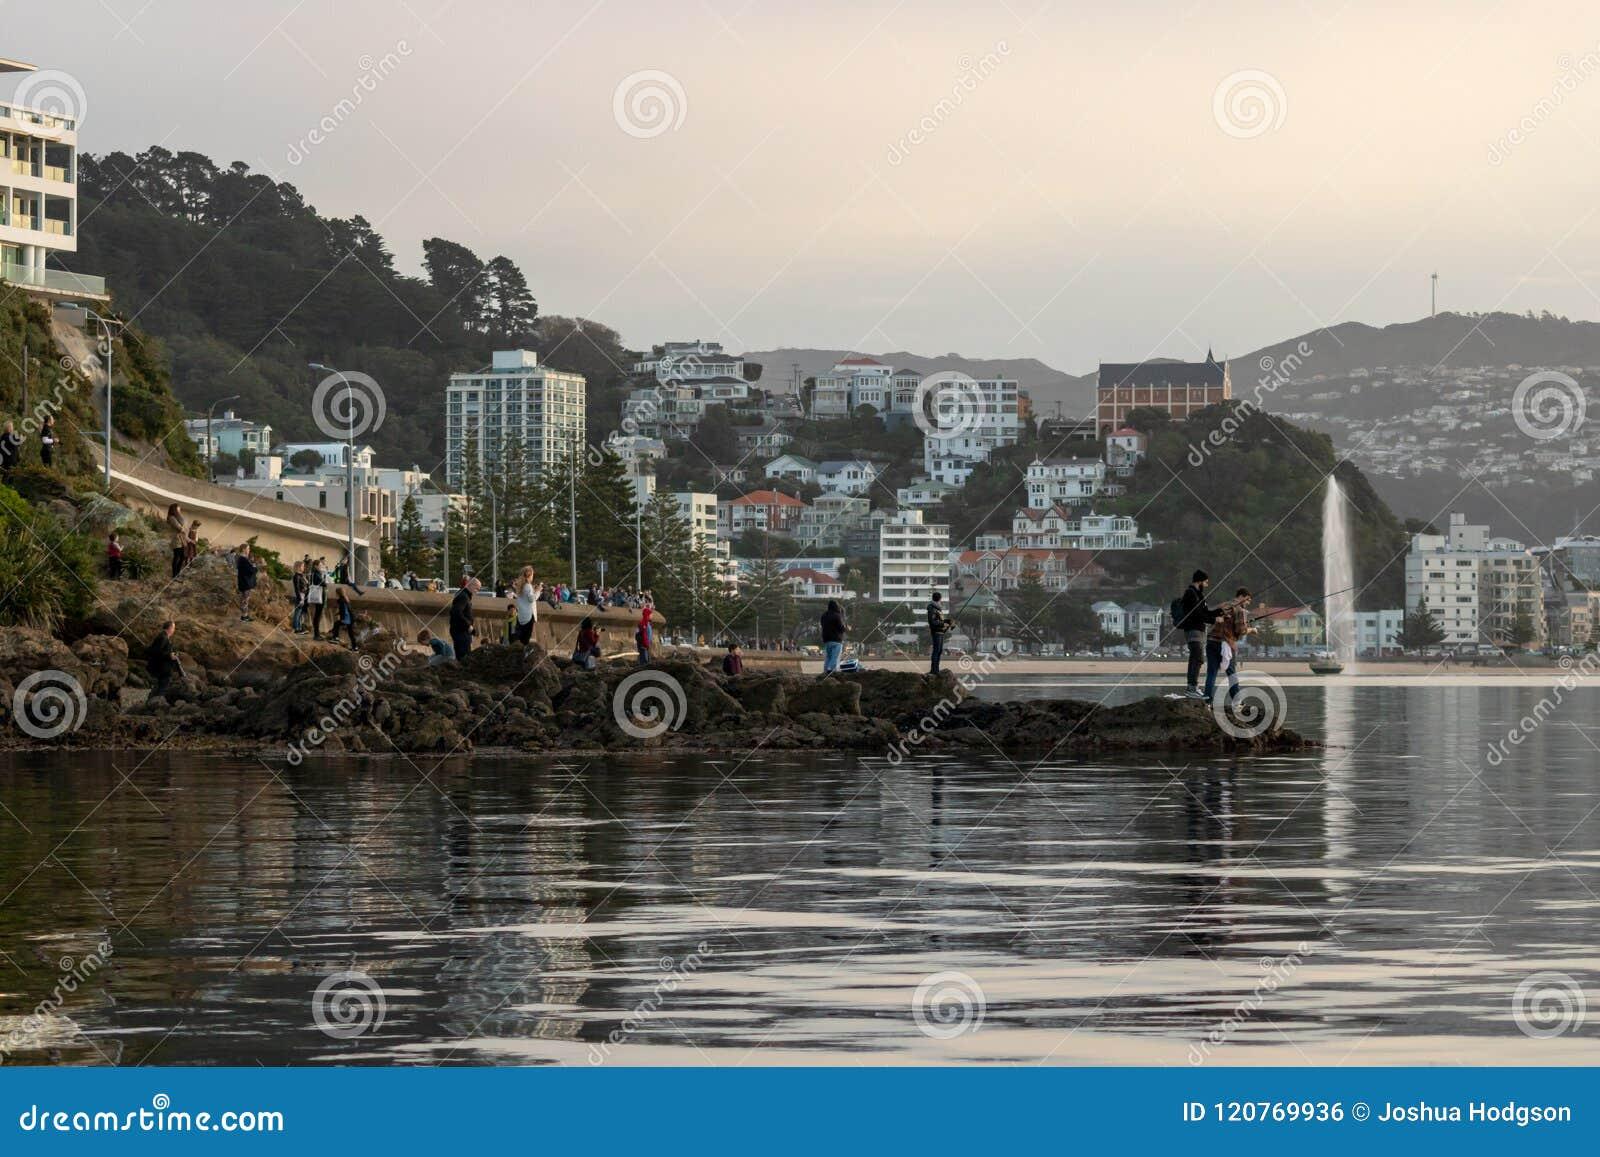 Mengen-Versammlung an der Küstenlinie, zum des Wals, Wellington New Zealand anzusehen